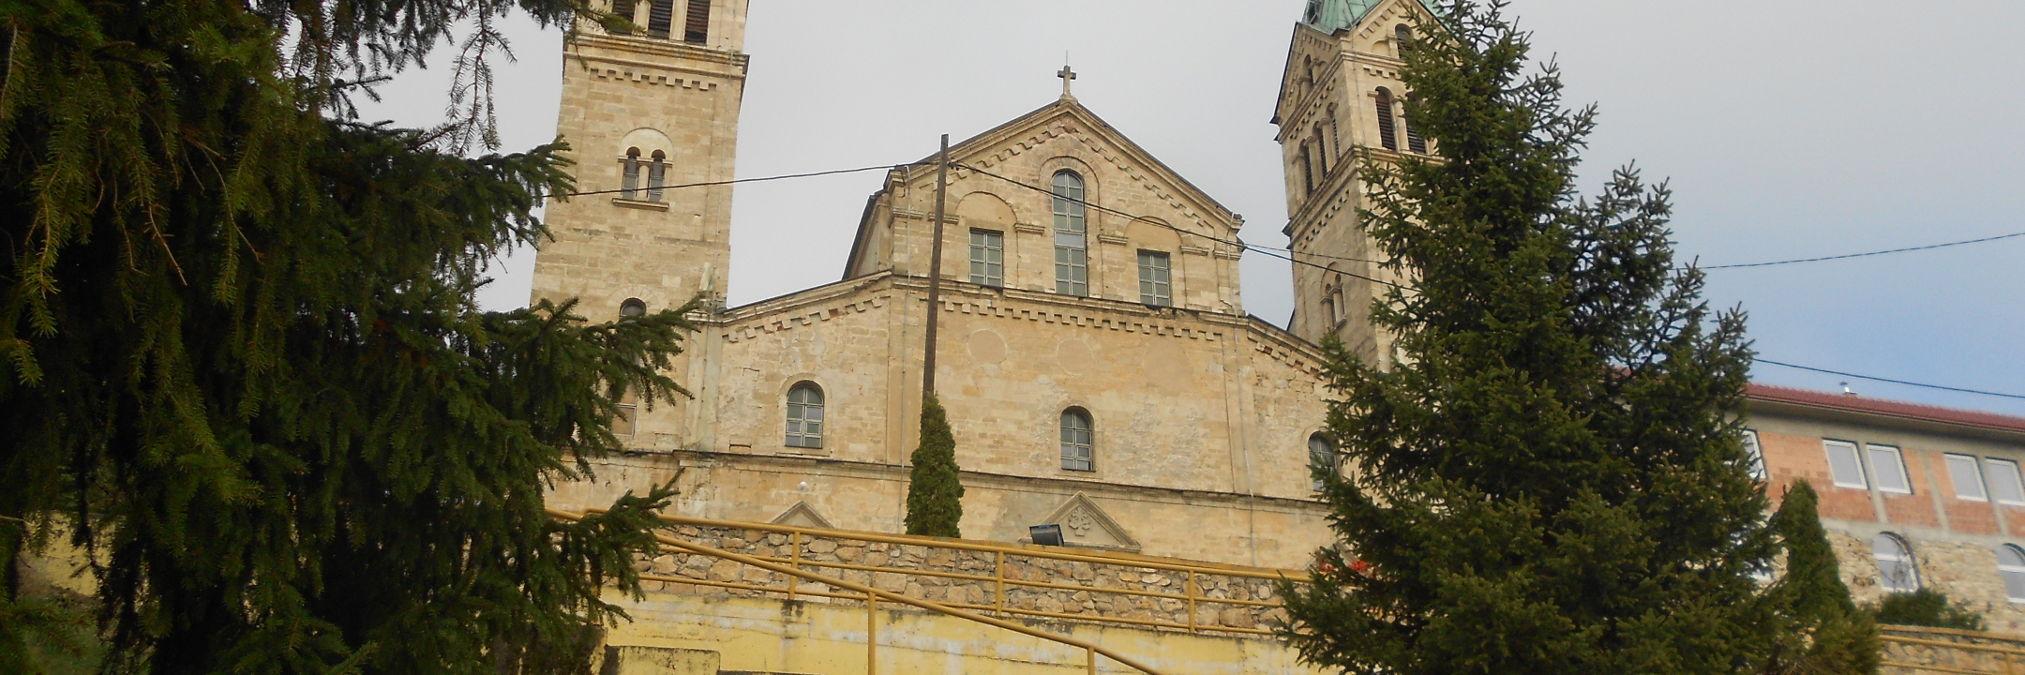 Монастырь Гуча Гора